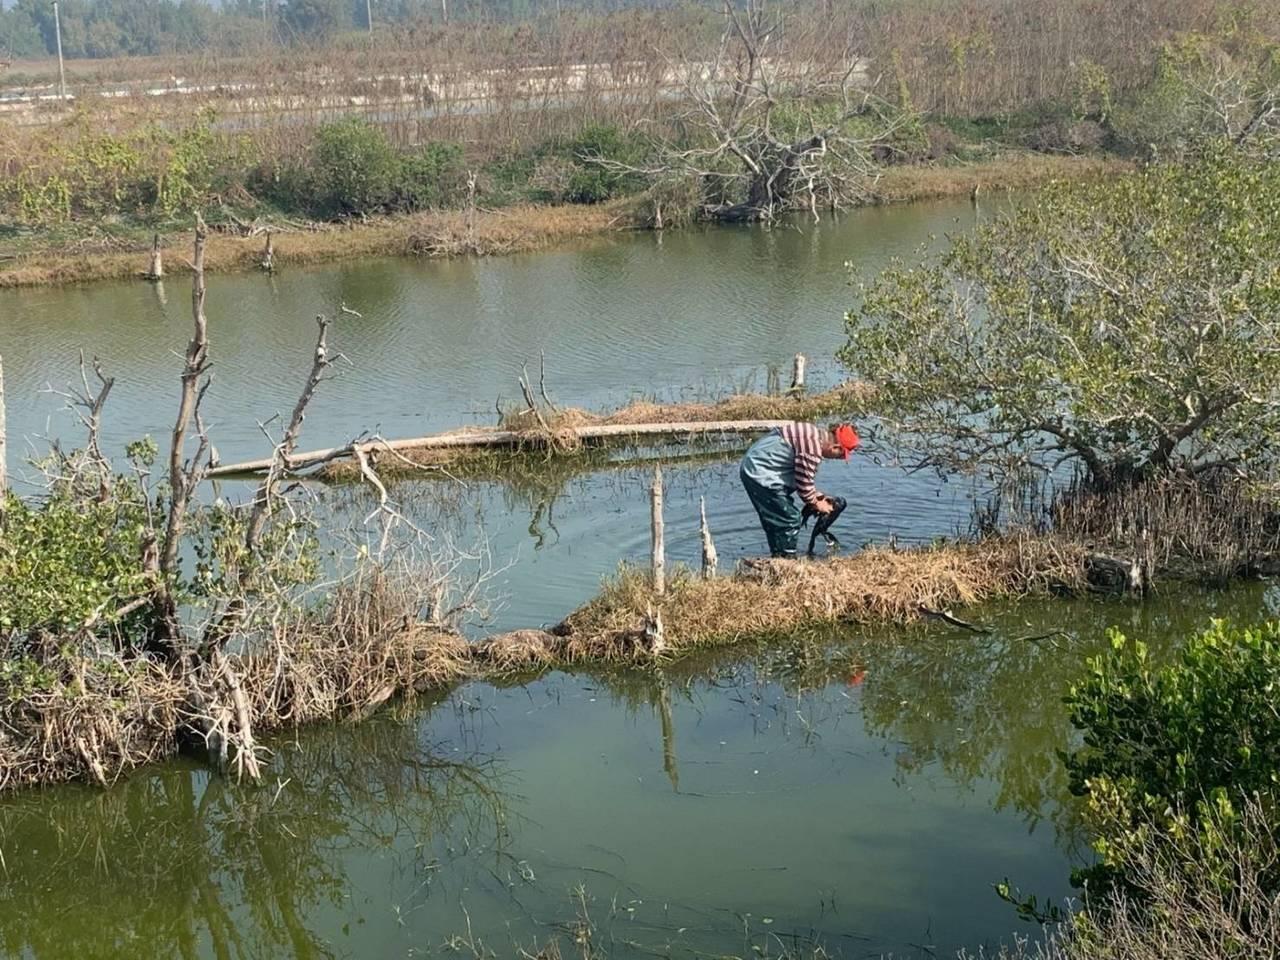 搶救人員在七孔水門旁水池,發現該鸕鶿遭網子纏住,著裝涉水順利將鸕鶿救回。圖/嘉義...